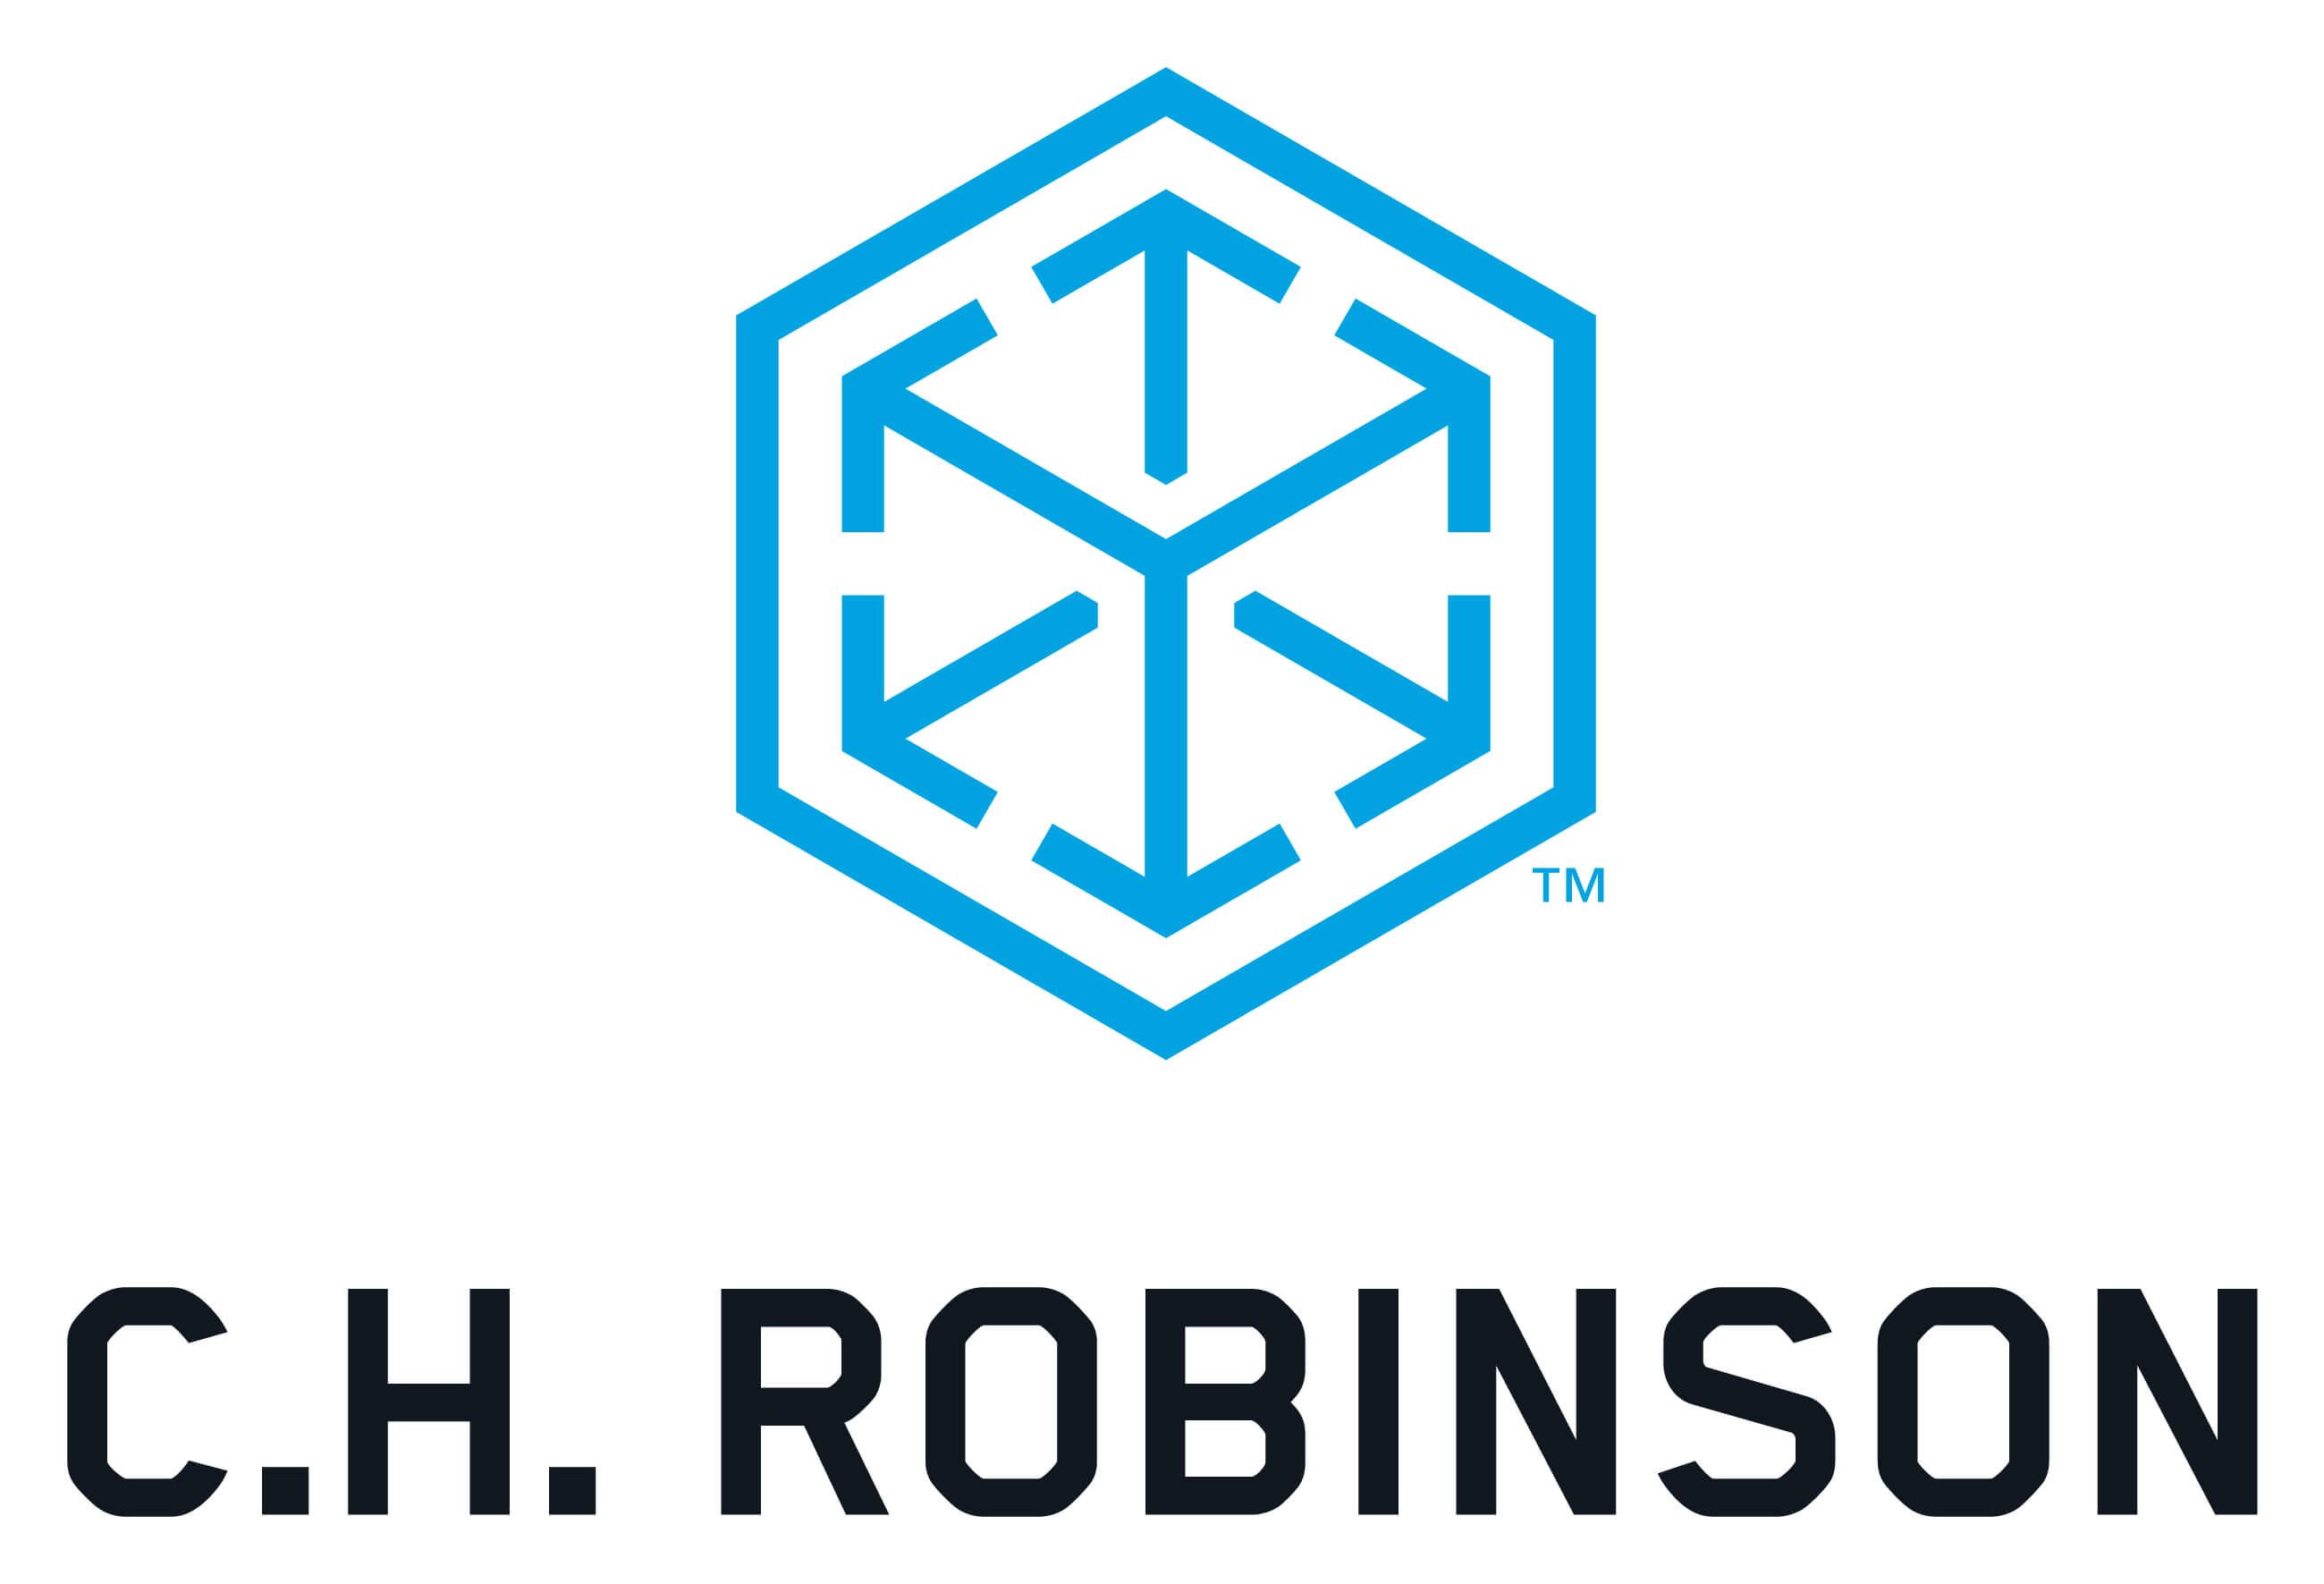 C.H. Robinson lansează Emissions IQ™, instrument digital pentru calcularea emisiilor de carbon